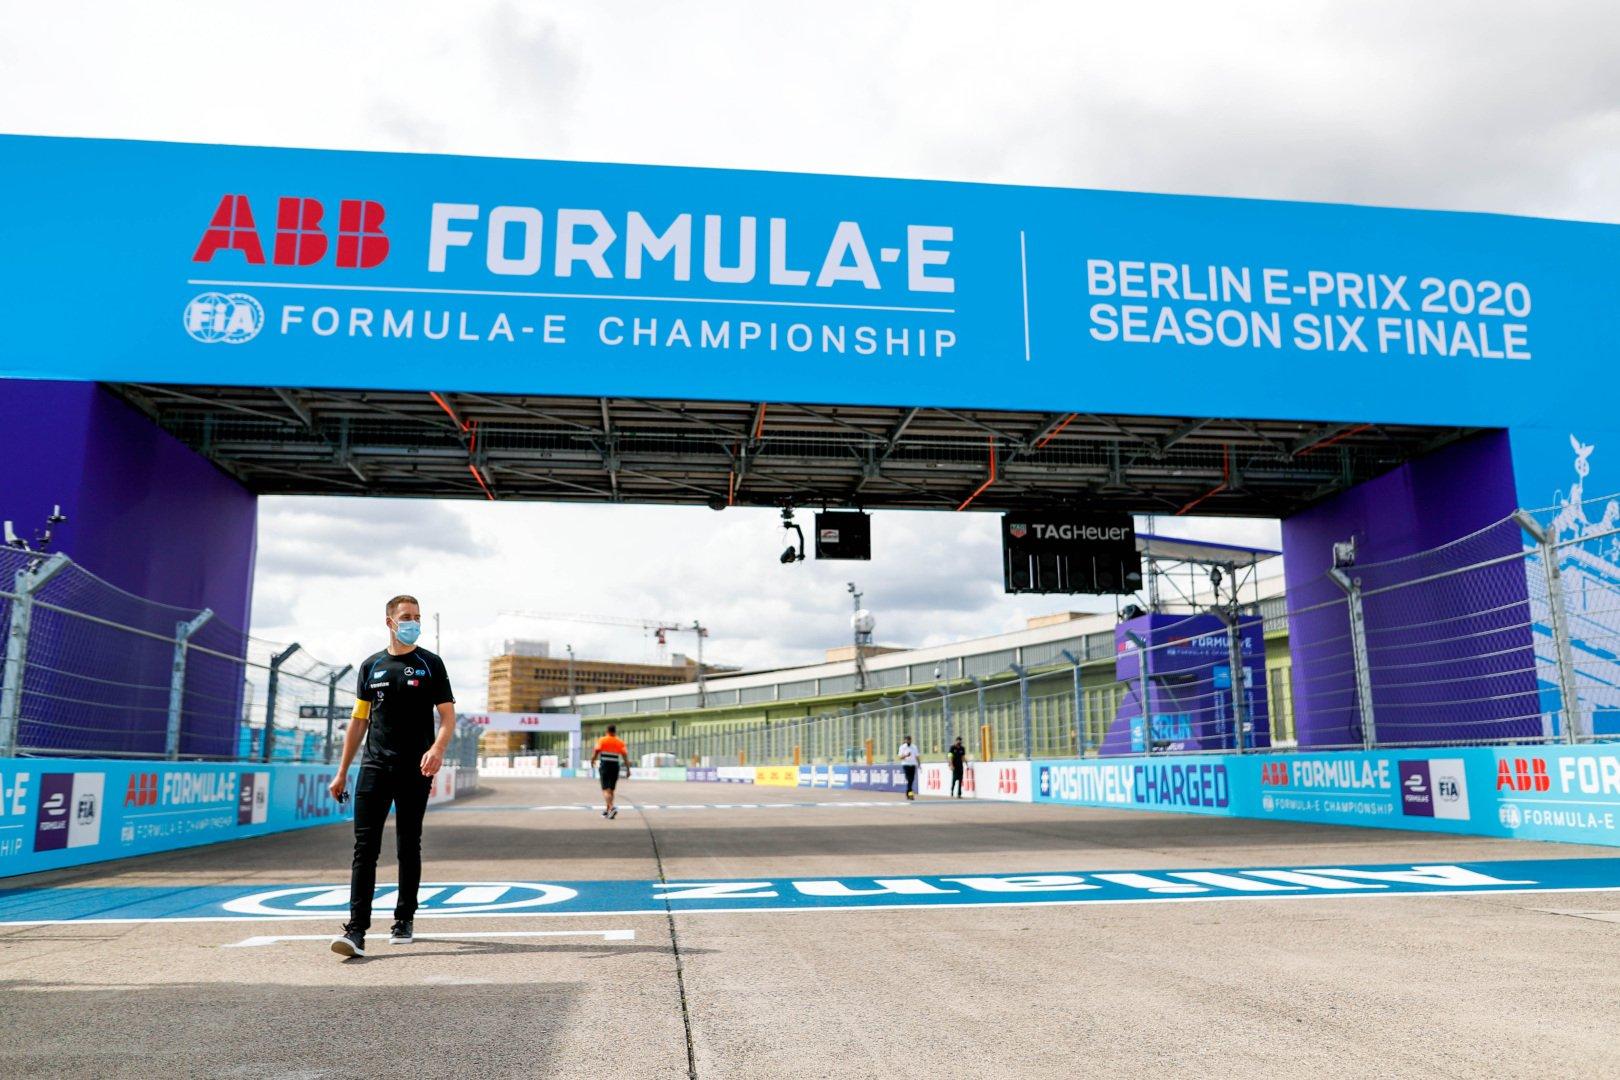 The Berlin ePrix track